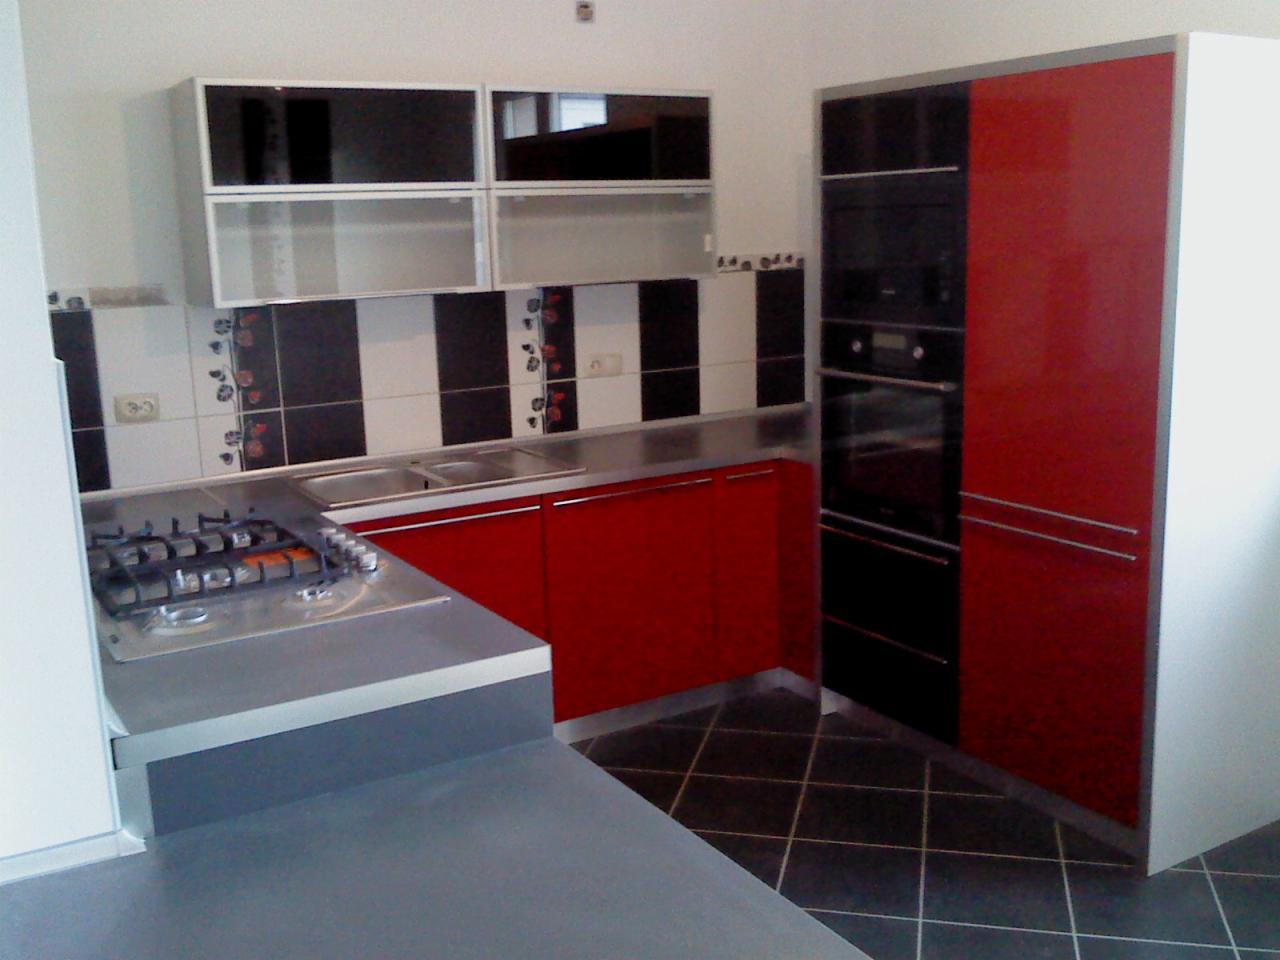 Kuchnie pod zabudowę, ekskluzywne meble kuchenne Chechło  Oferta nr 53351  -> Kuchnia Gazowo Elektryczna Pod Zabudowe